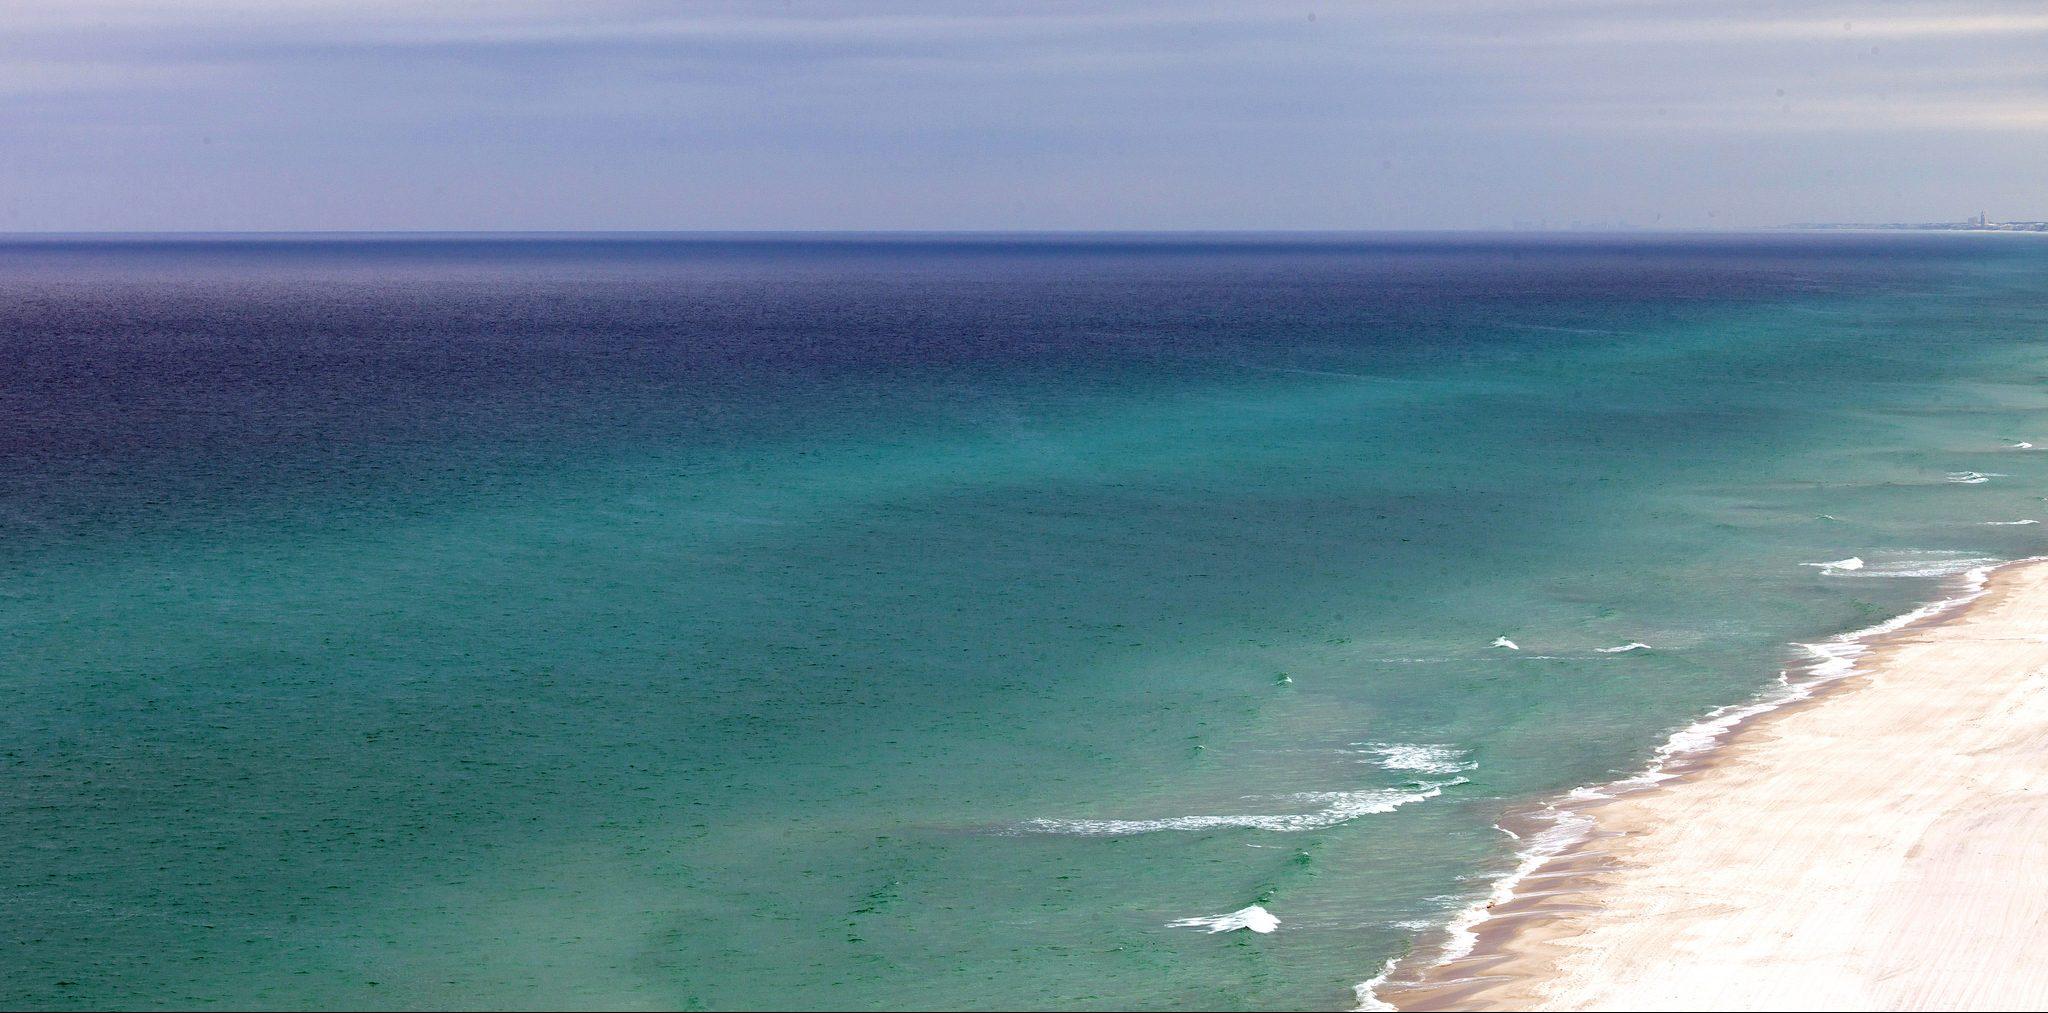 Emerald Coastkeeper